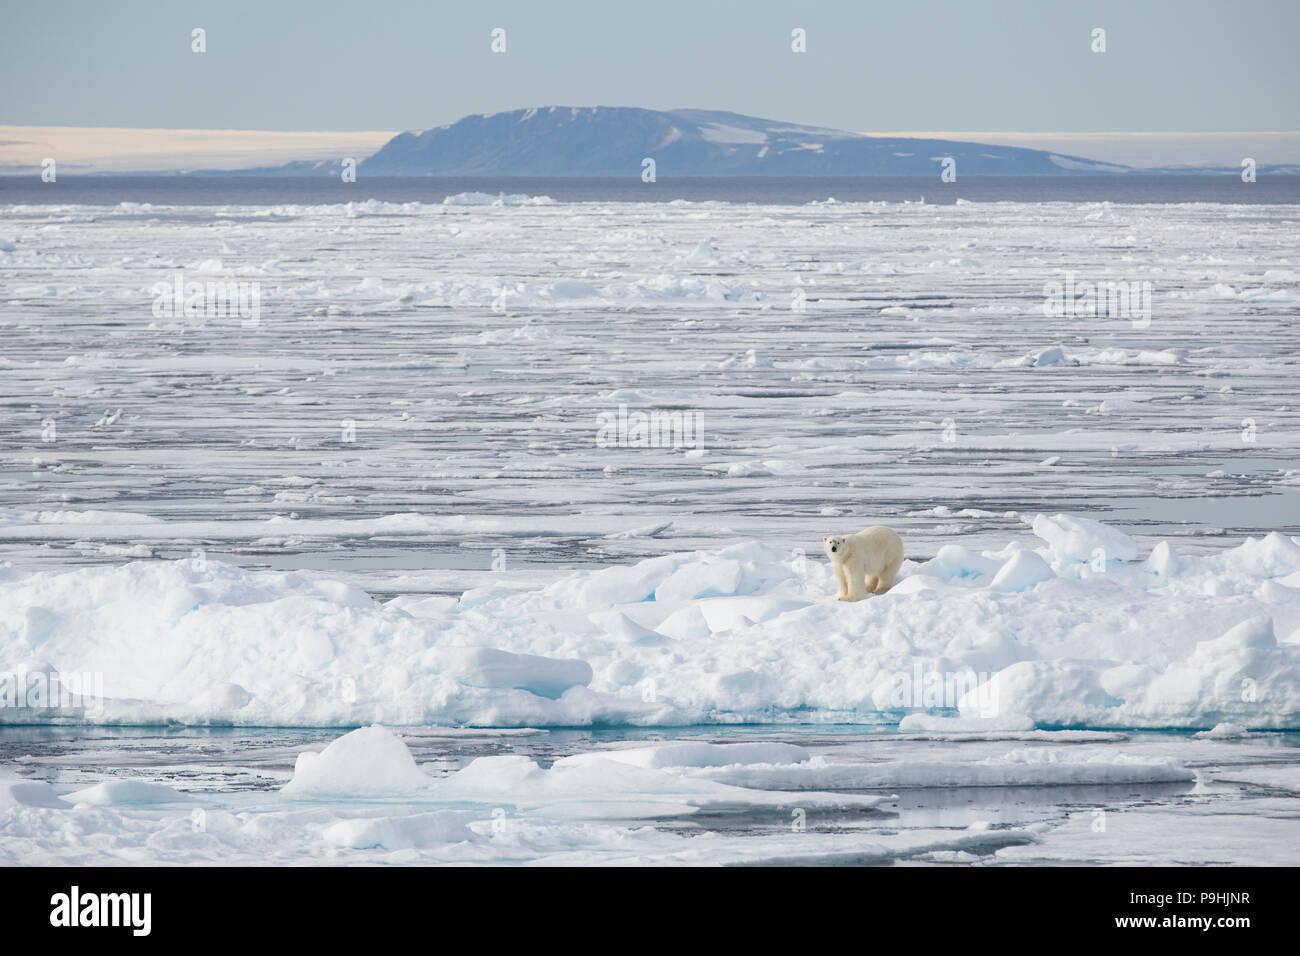 Eisbär auf Eis in der Nähe von Spitzbergen Stockfoto